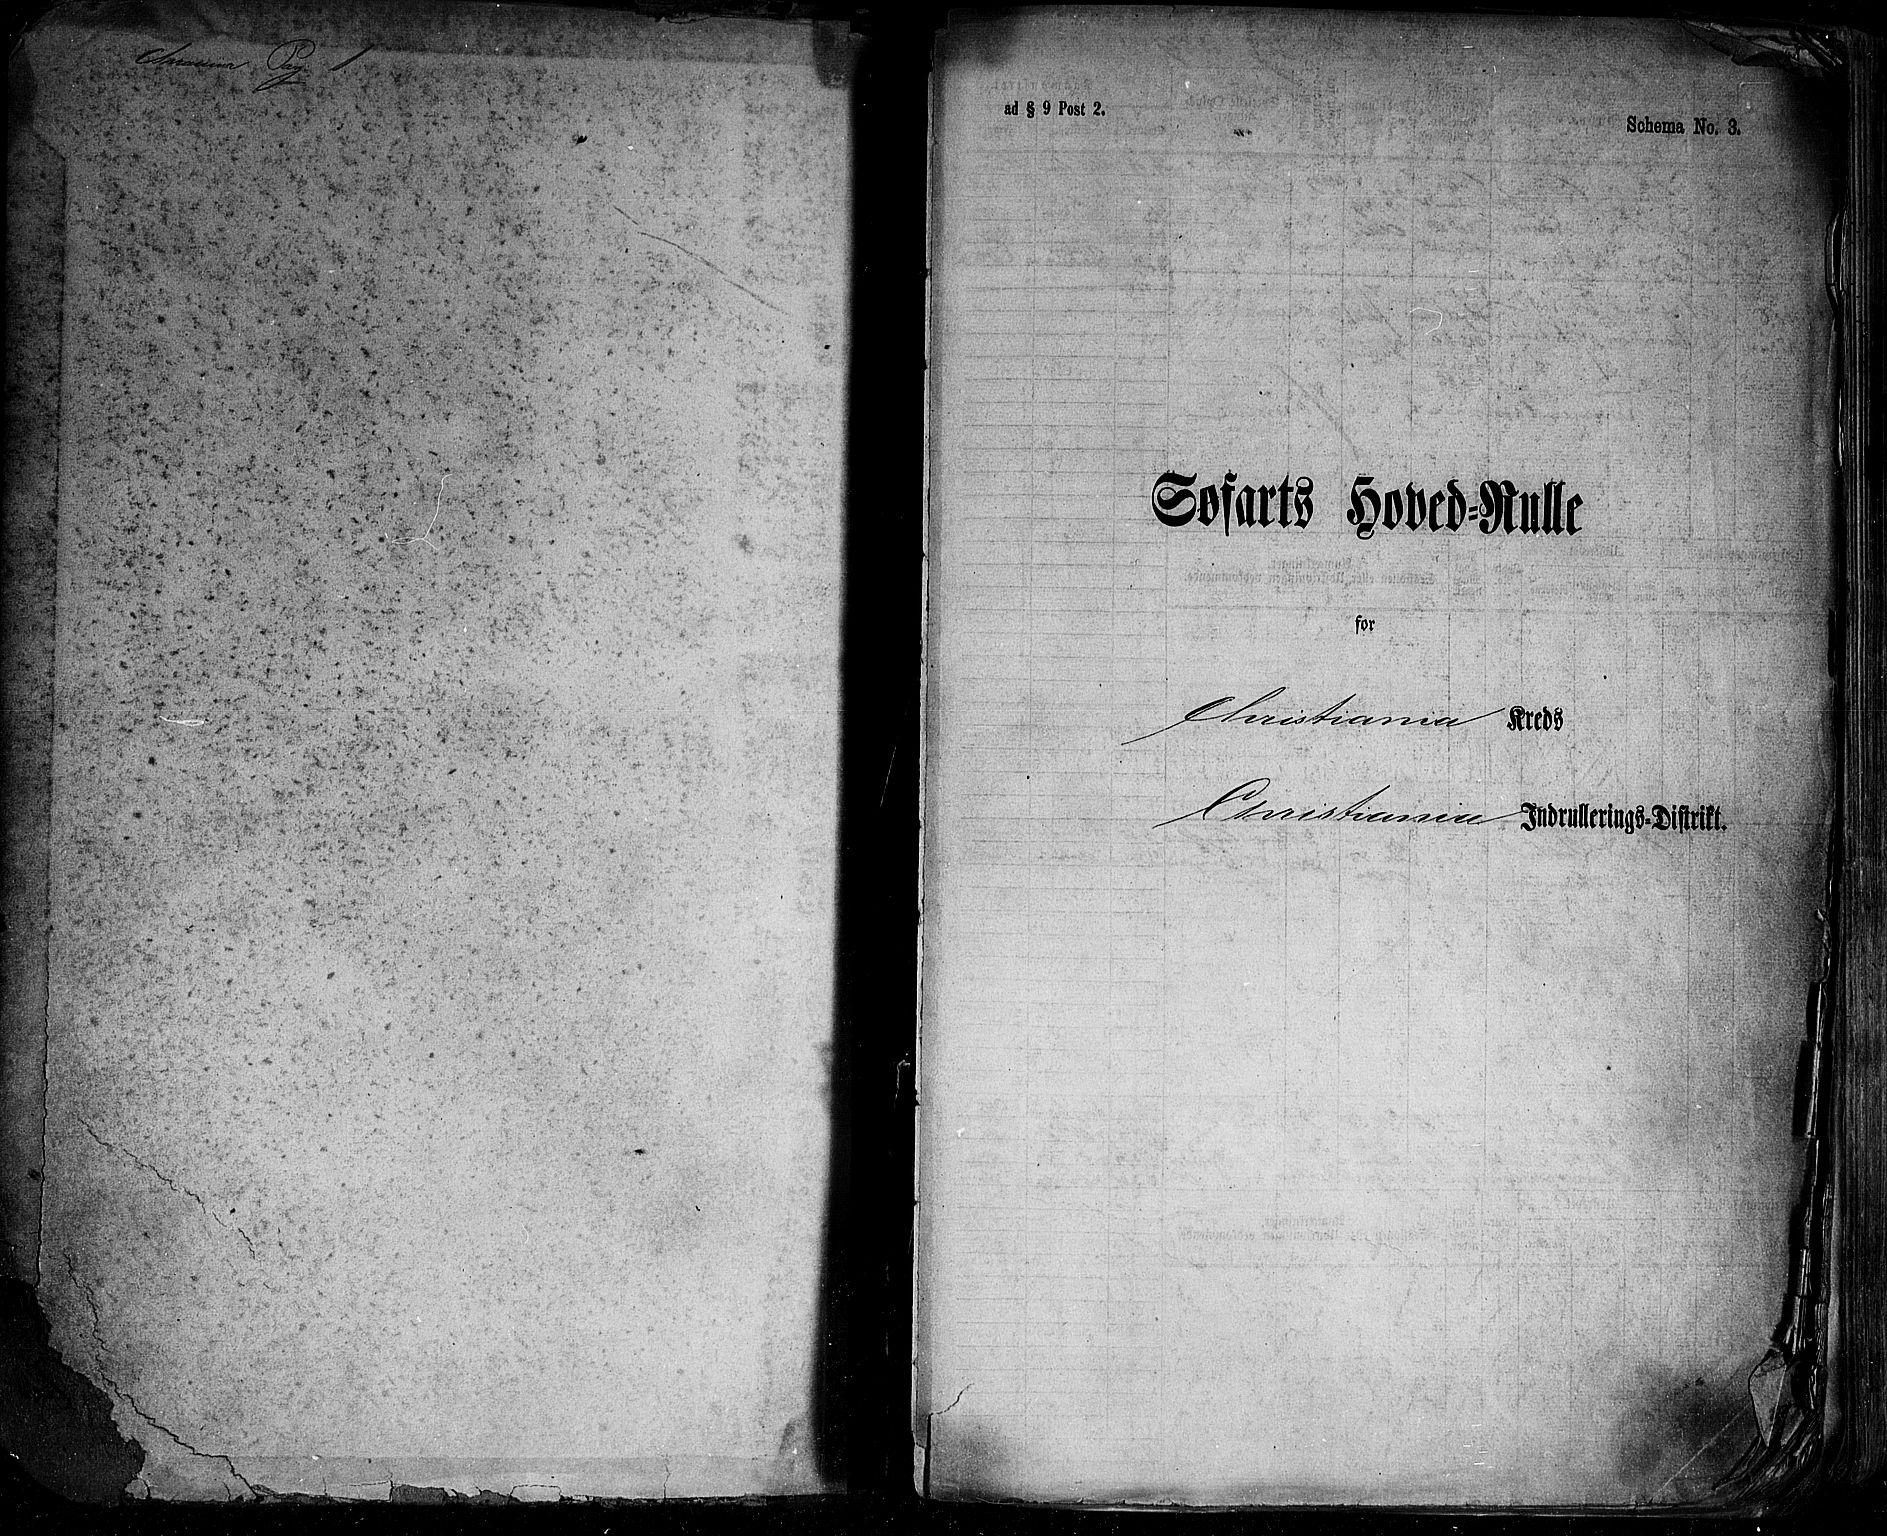 SAO, Oslo mønstringskontor, F/Fc/Fcb/L0004: Hovedrulle, 1868-1873, s. upaginert